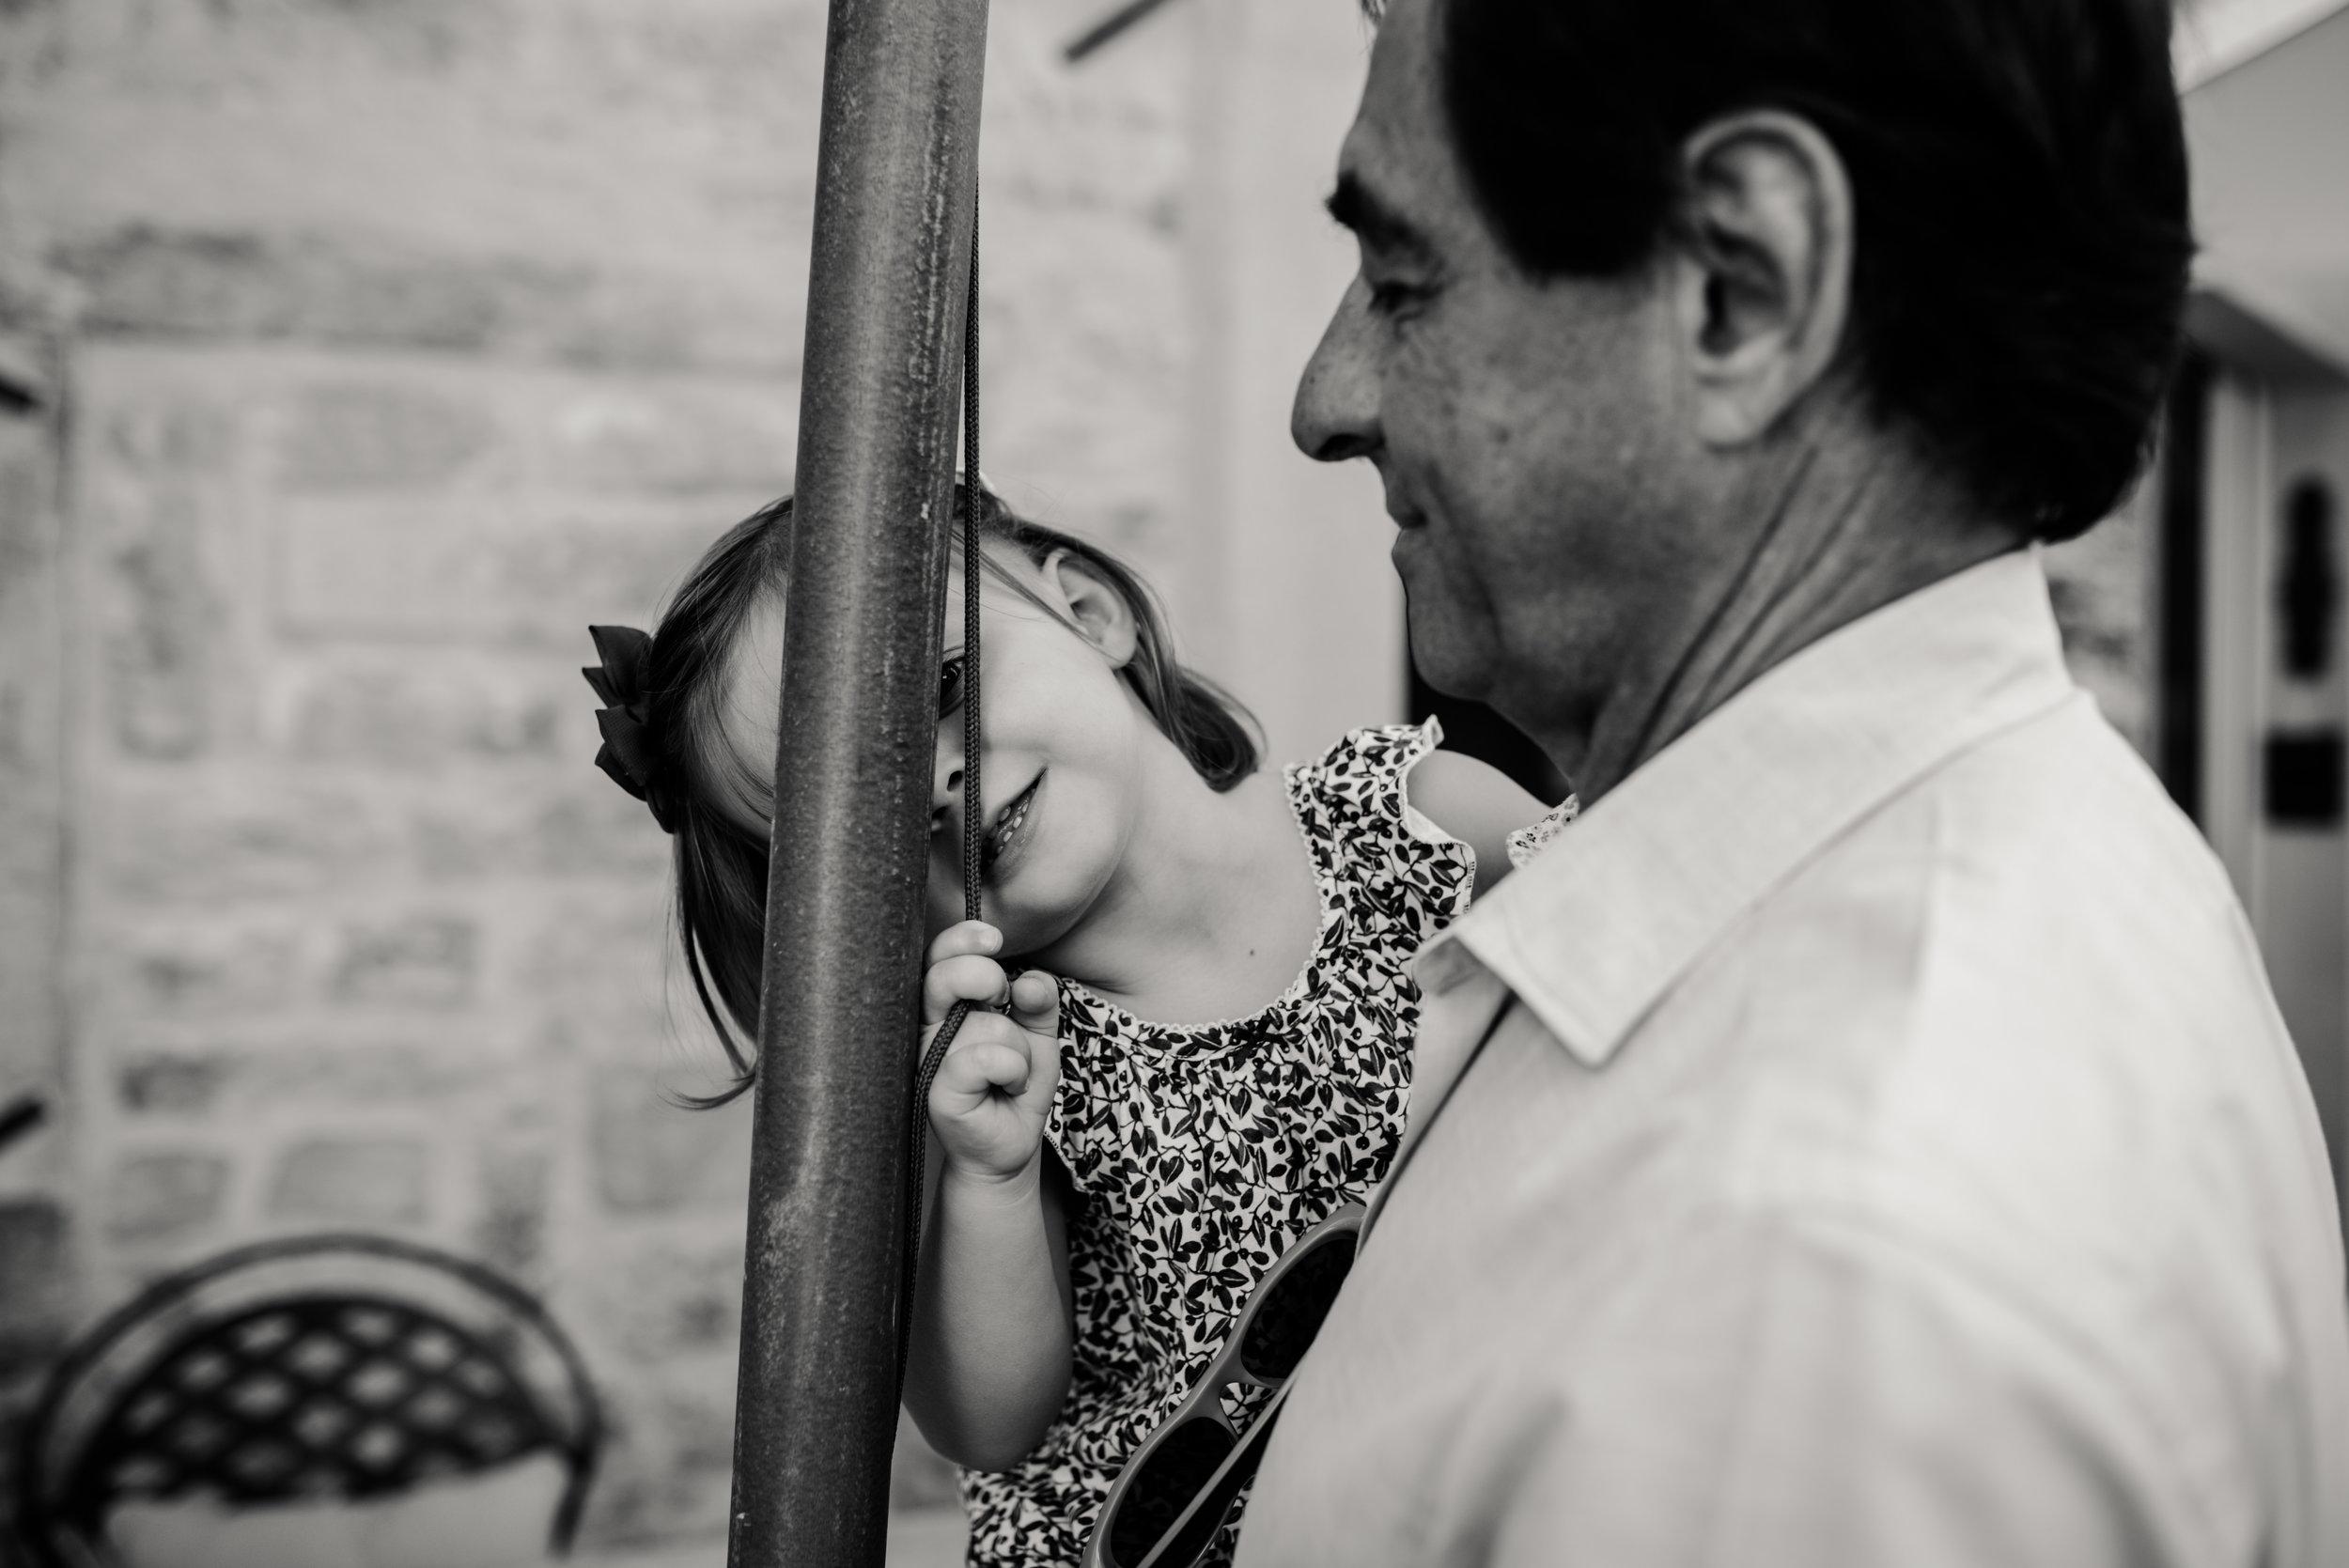 Léa-Fery-photographe-professionnel-lyon-rhone-alpes-portrait-creation-mariage-evenement-evenementiel-famille-4913.jpg